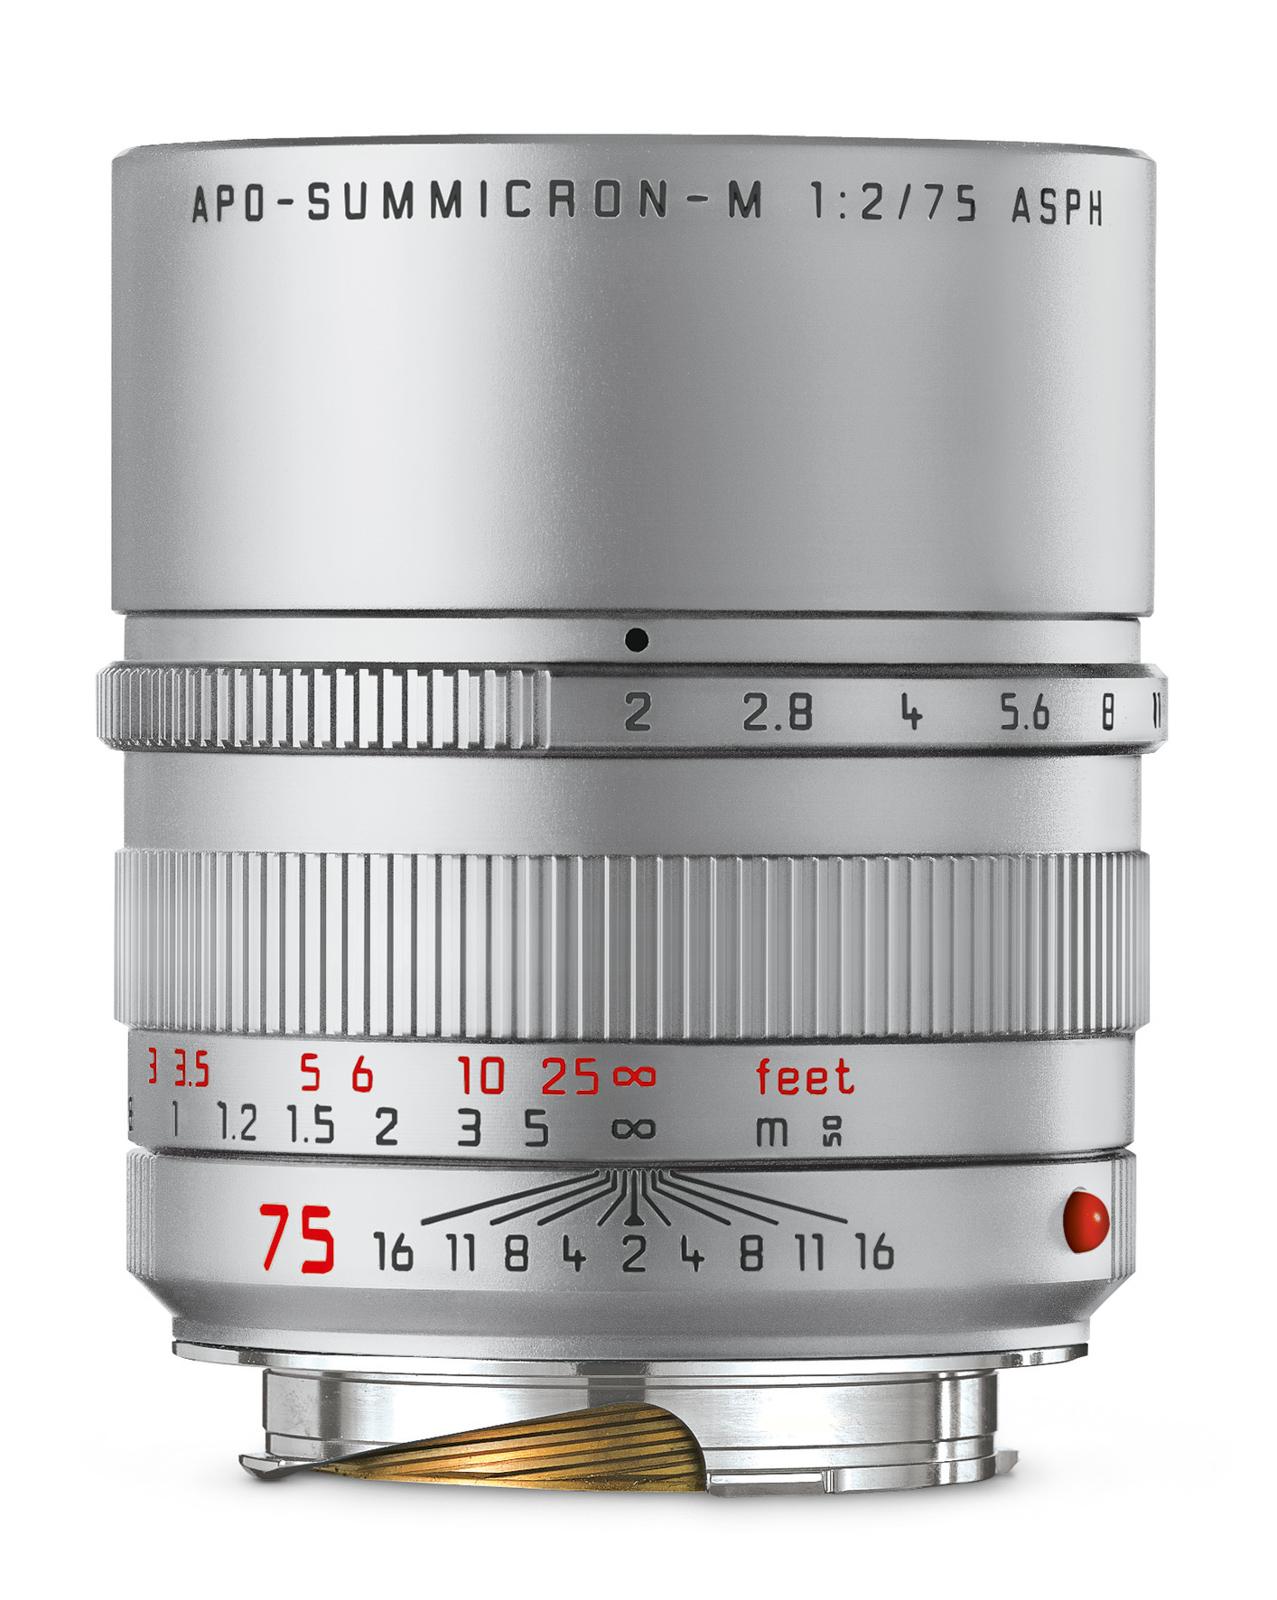 Leica APO-Summicron-M 1:2.0/75 ASPH